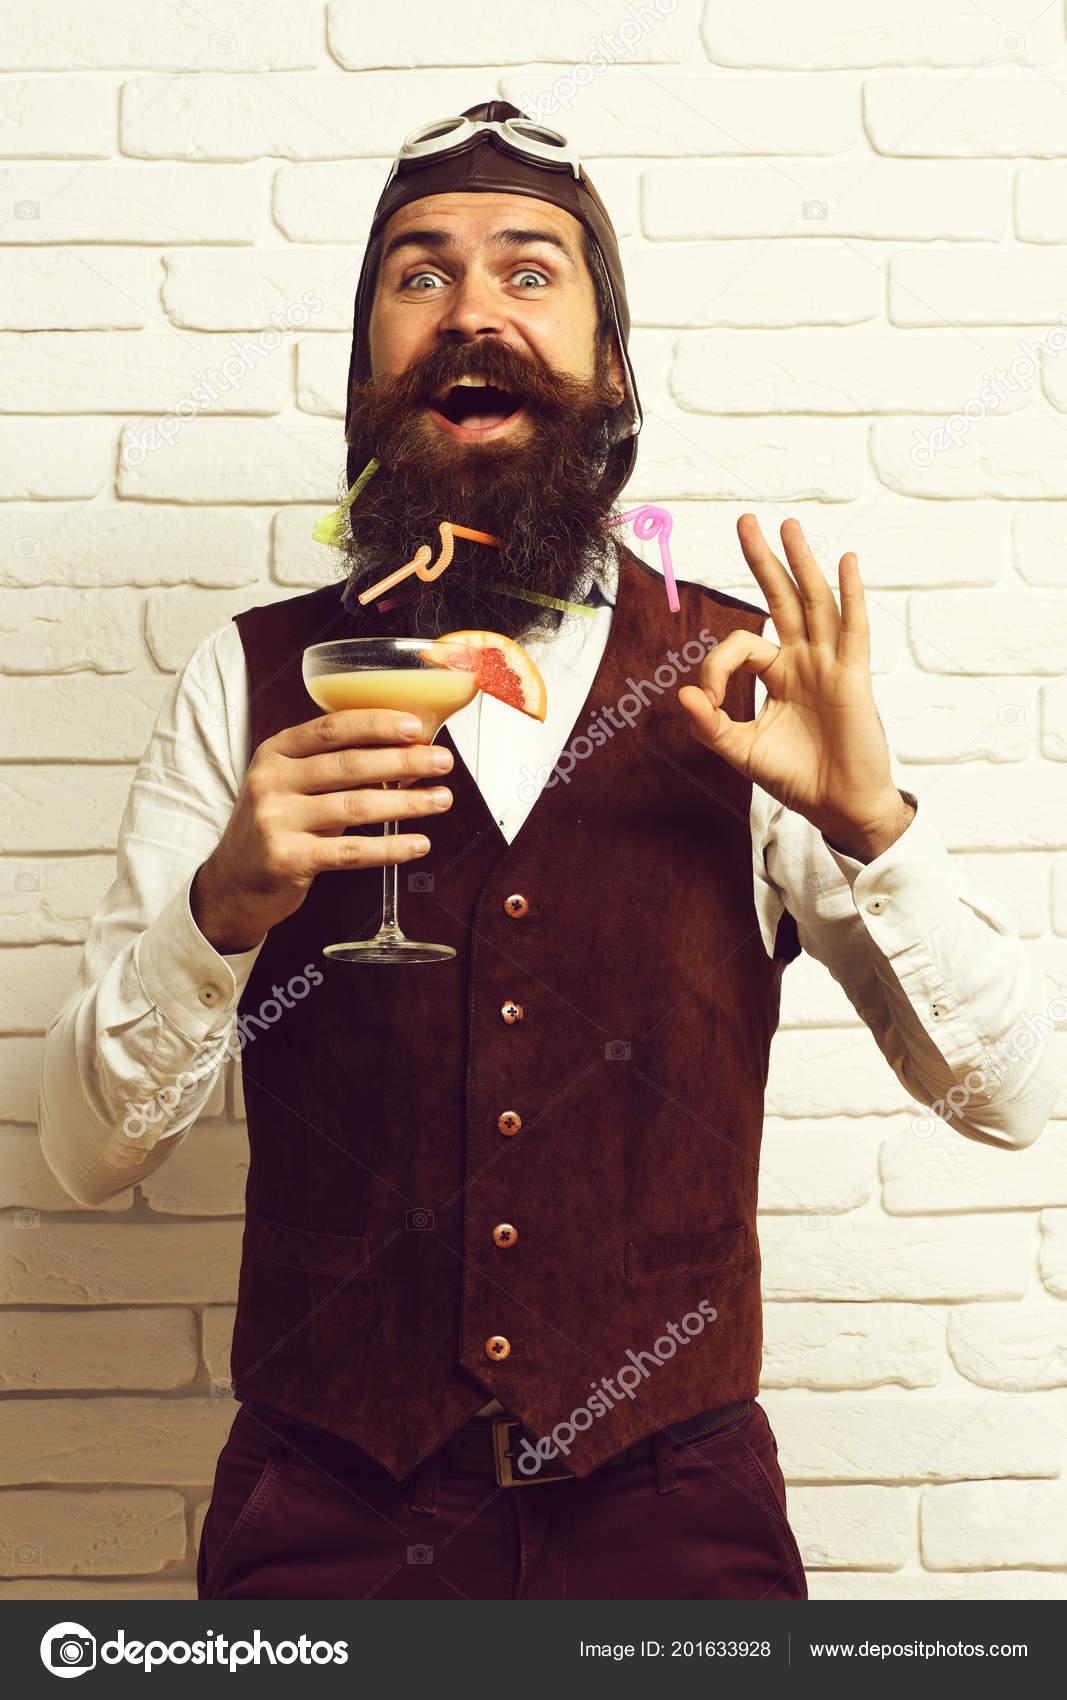 7612d1f13397f Guapo con barba hombre aviador con barba larga y bigote en la cara feliz  con vidrio de Cóctel alcohólico en chaleco de cuero de ante vintage con  sombrero y ...